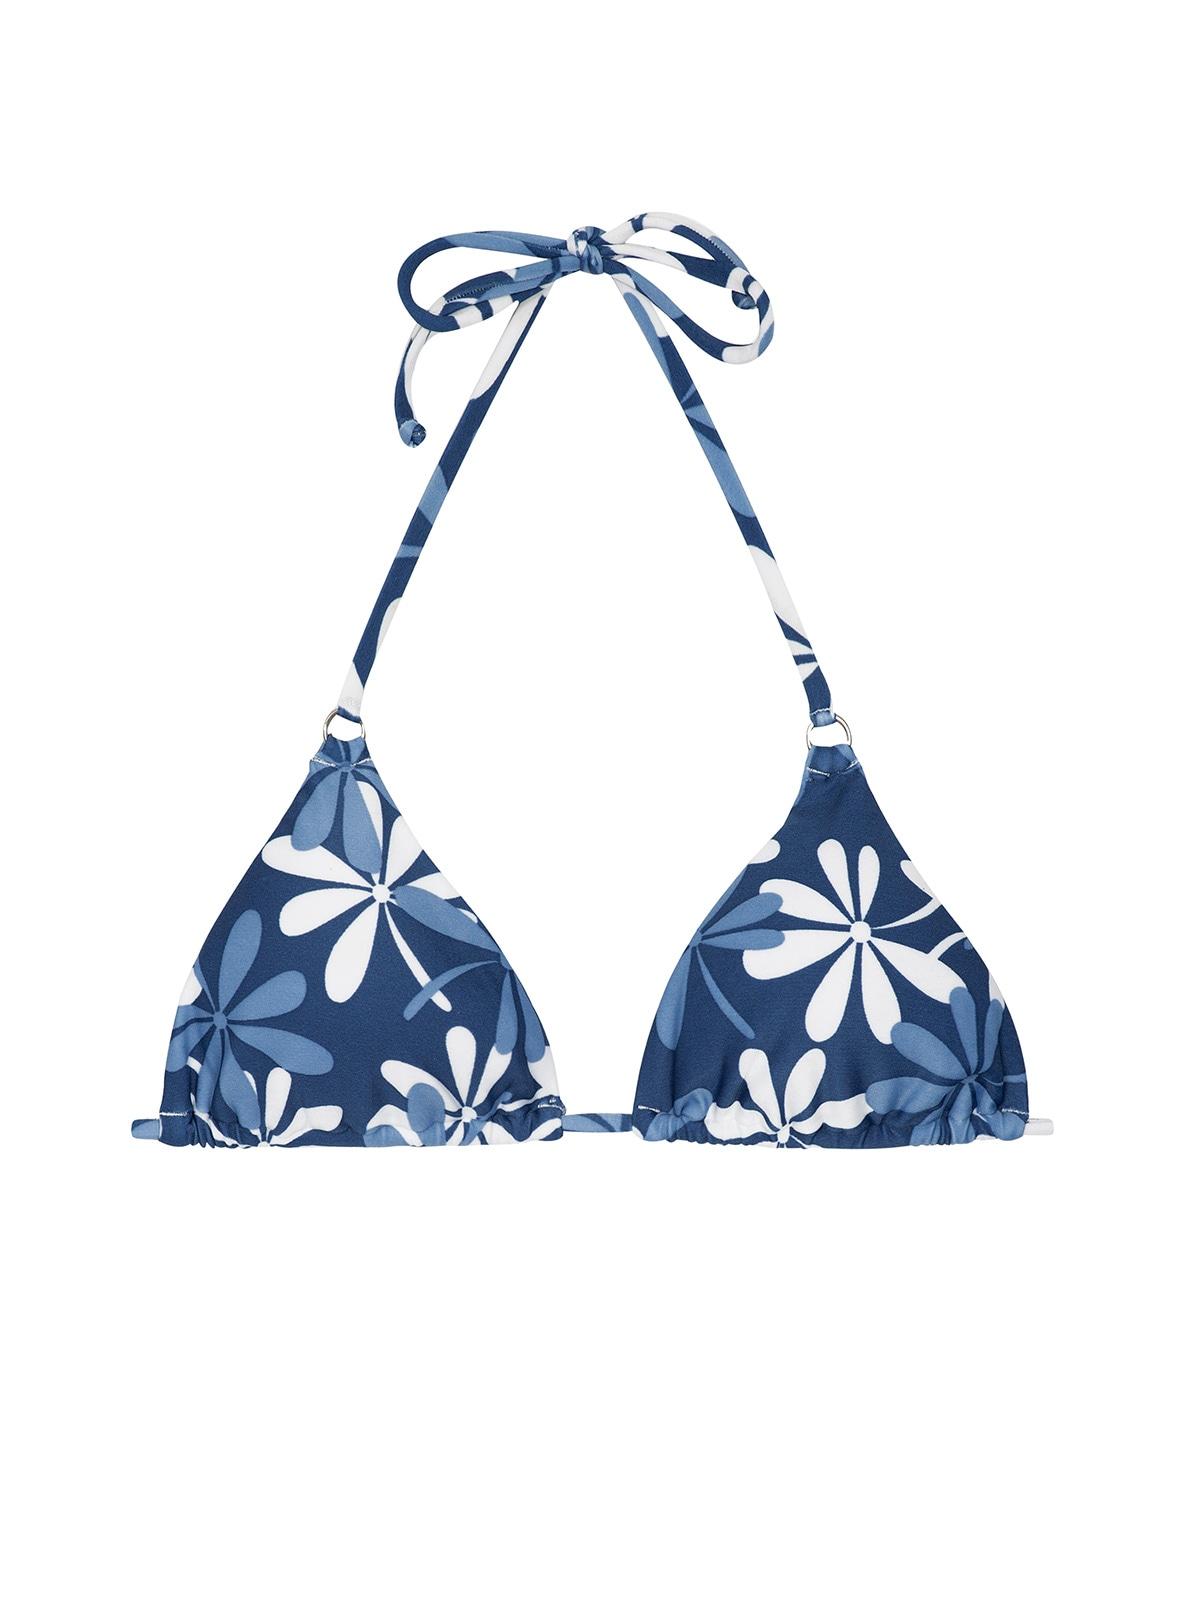 064faee23 Parte superior con forma triángulo azul y blanco con flores - SOUTIEN MARESIA  CHEEKY ...